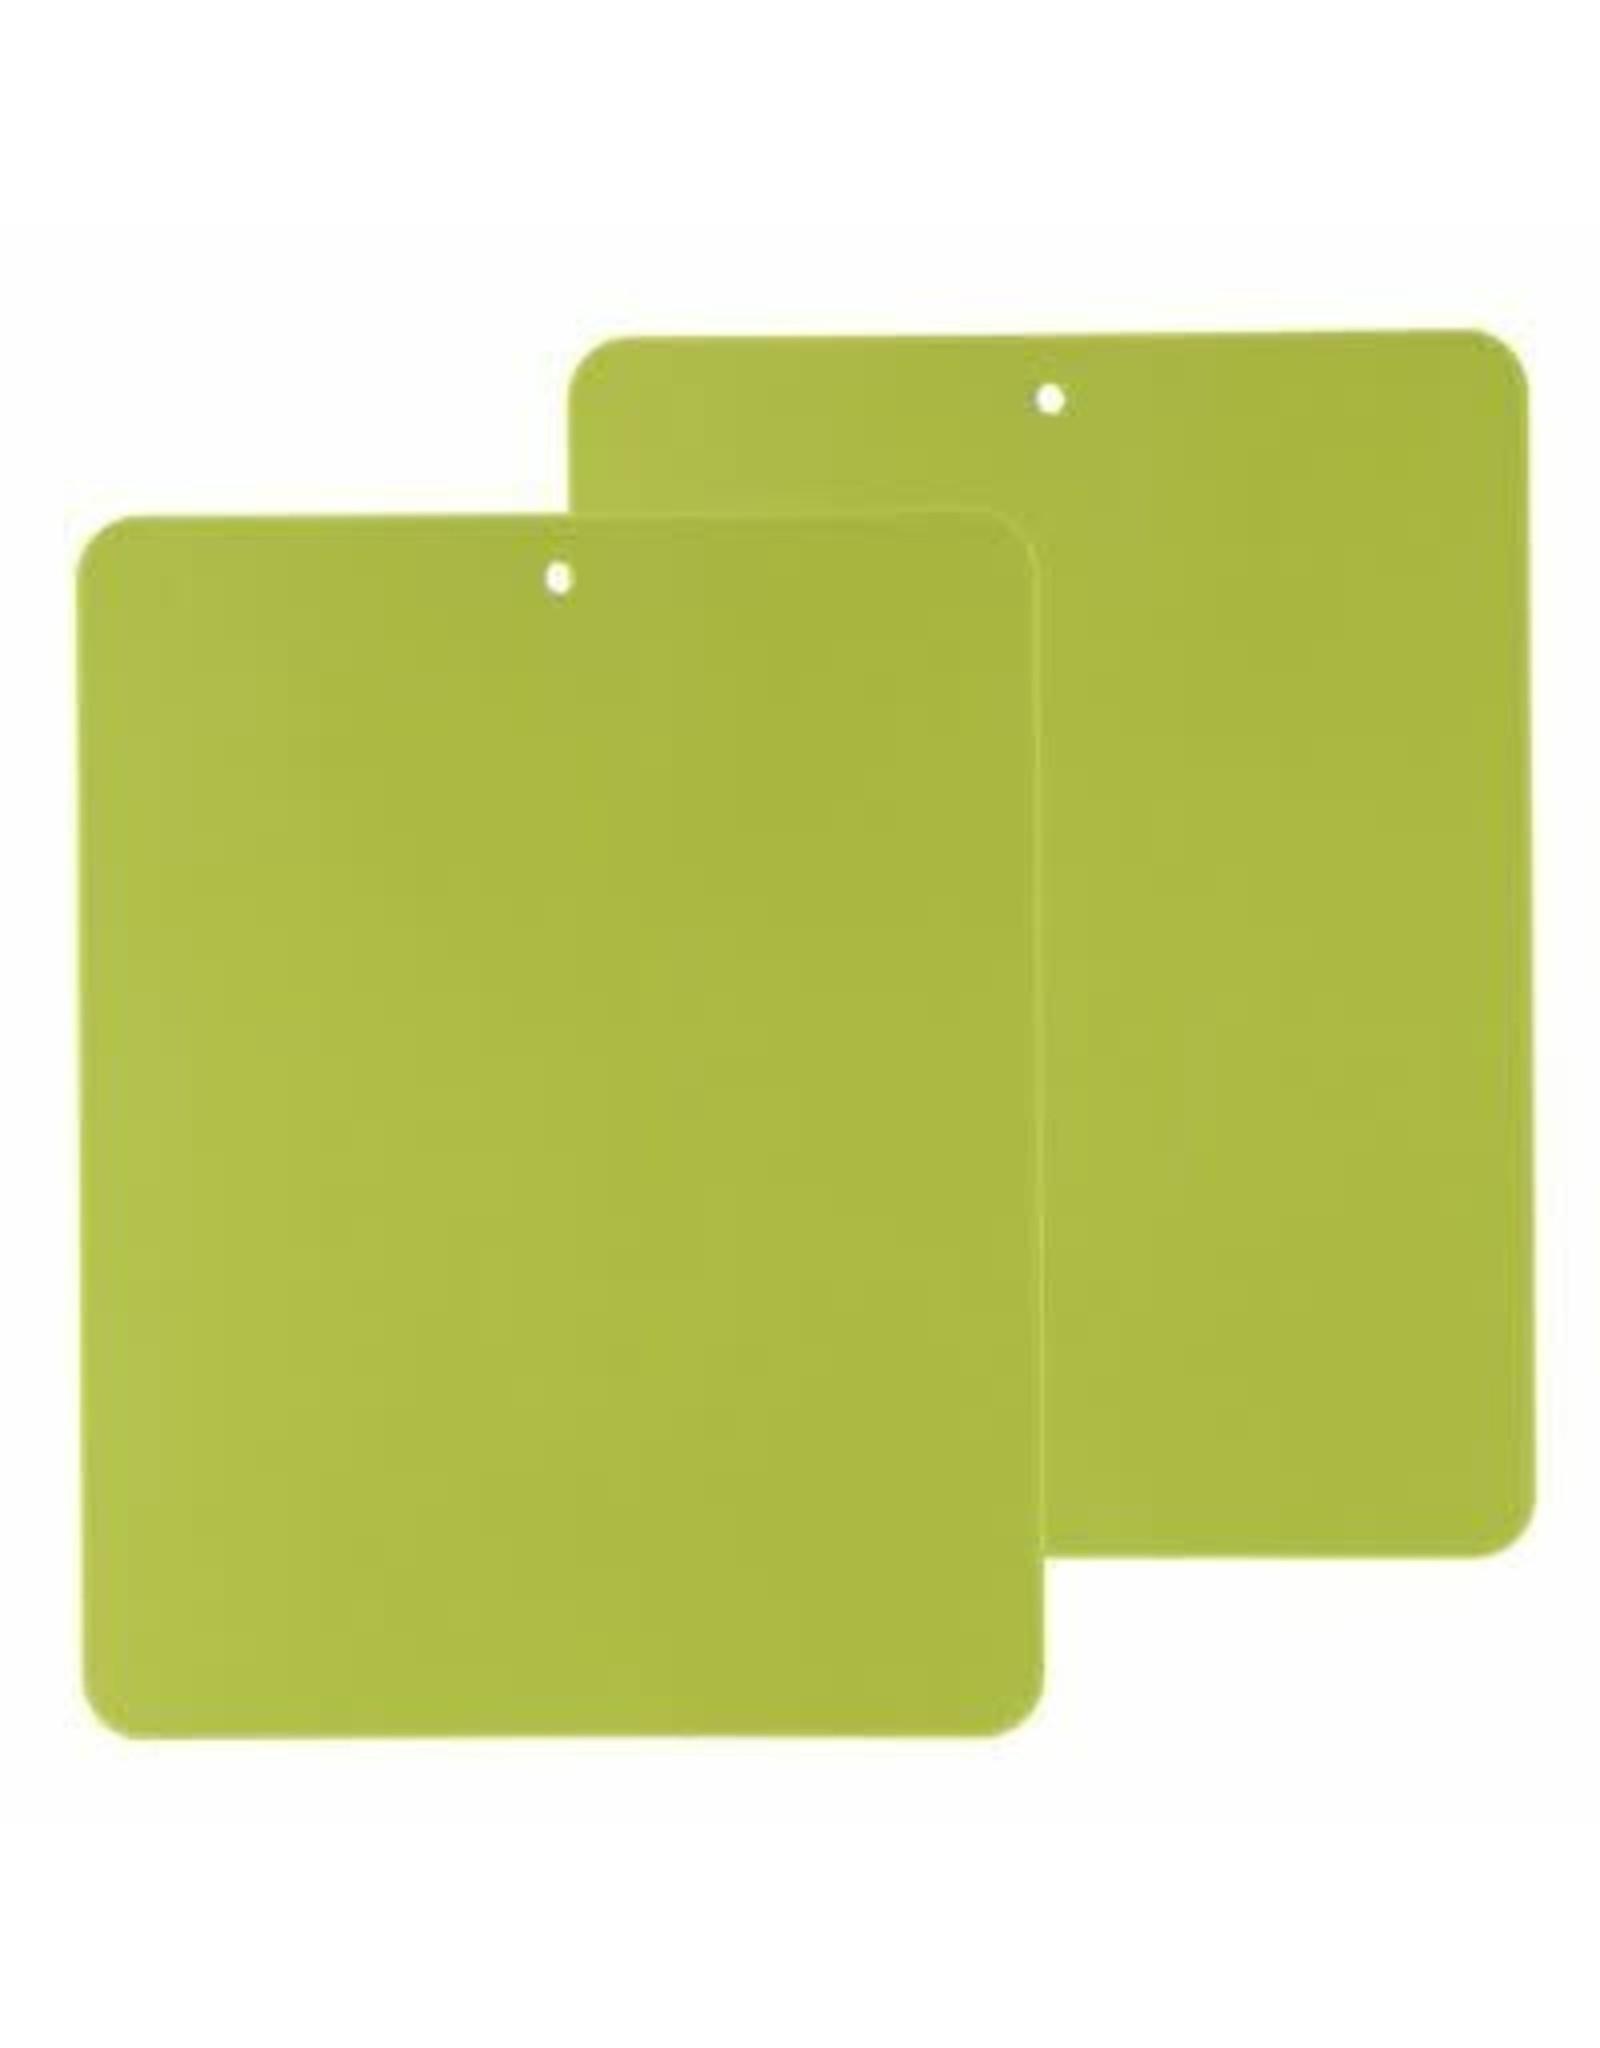 BENDY Flex Board PK/2 - Lime Green